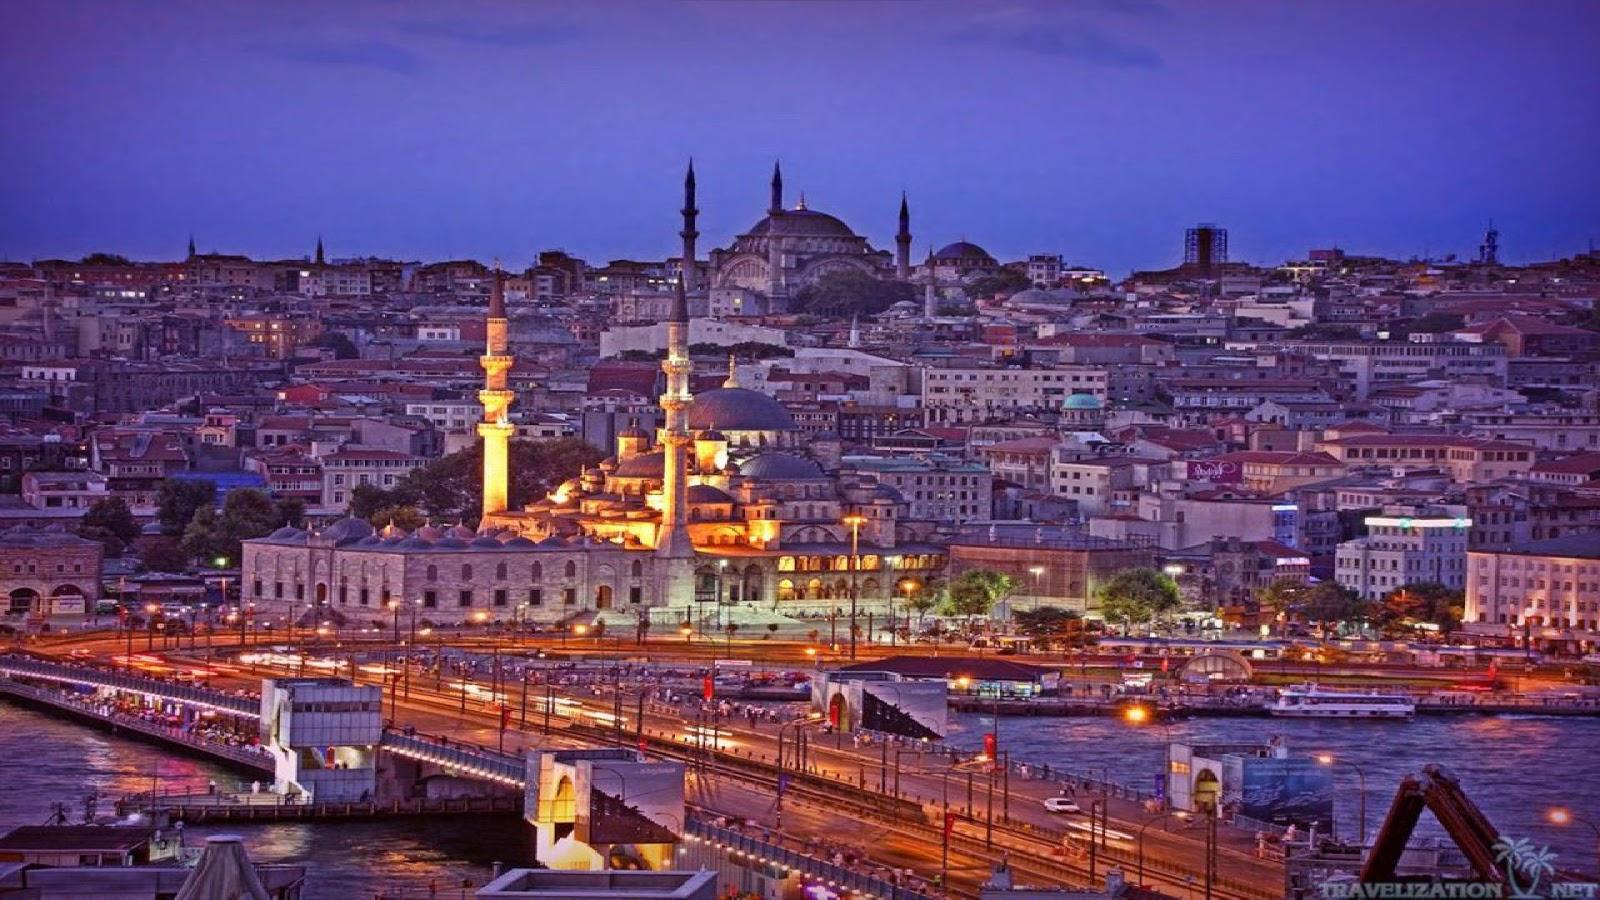 Μετά το Ιράν έχει σειρά η Τουρκία  Σχέδια ΗΠΑ για «Κράτος της Θράκης» με  πρωτεύουσα Κωνσταντινούπολη  23569fbc7bc